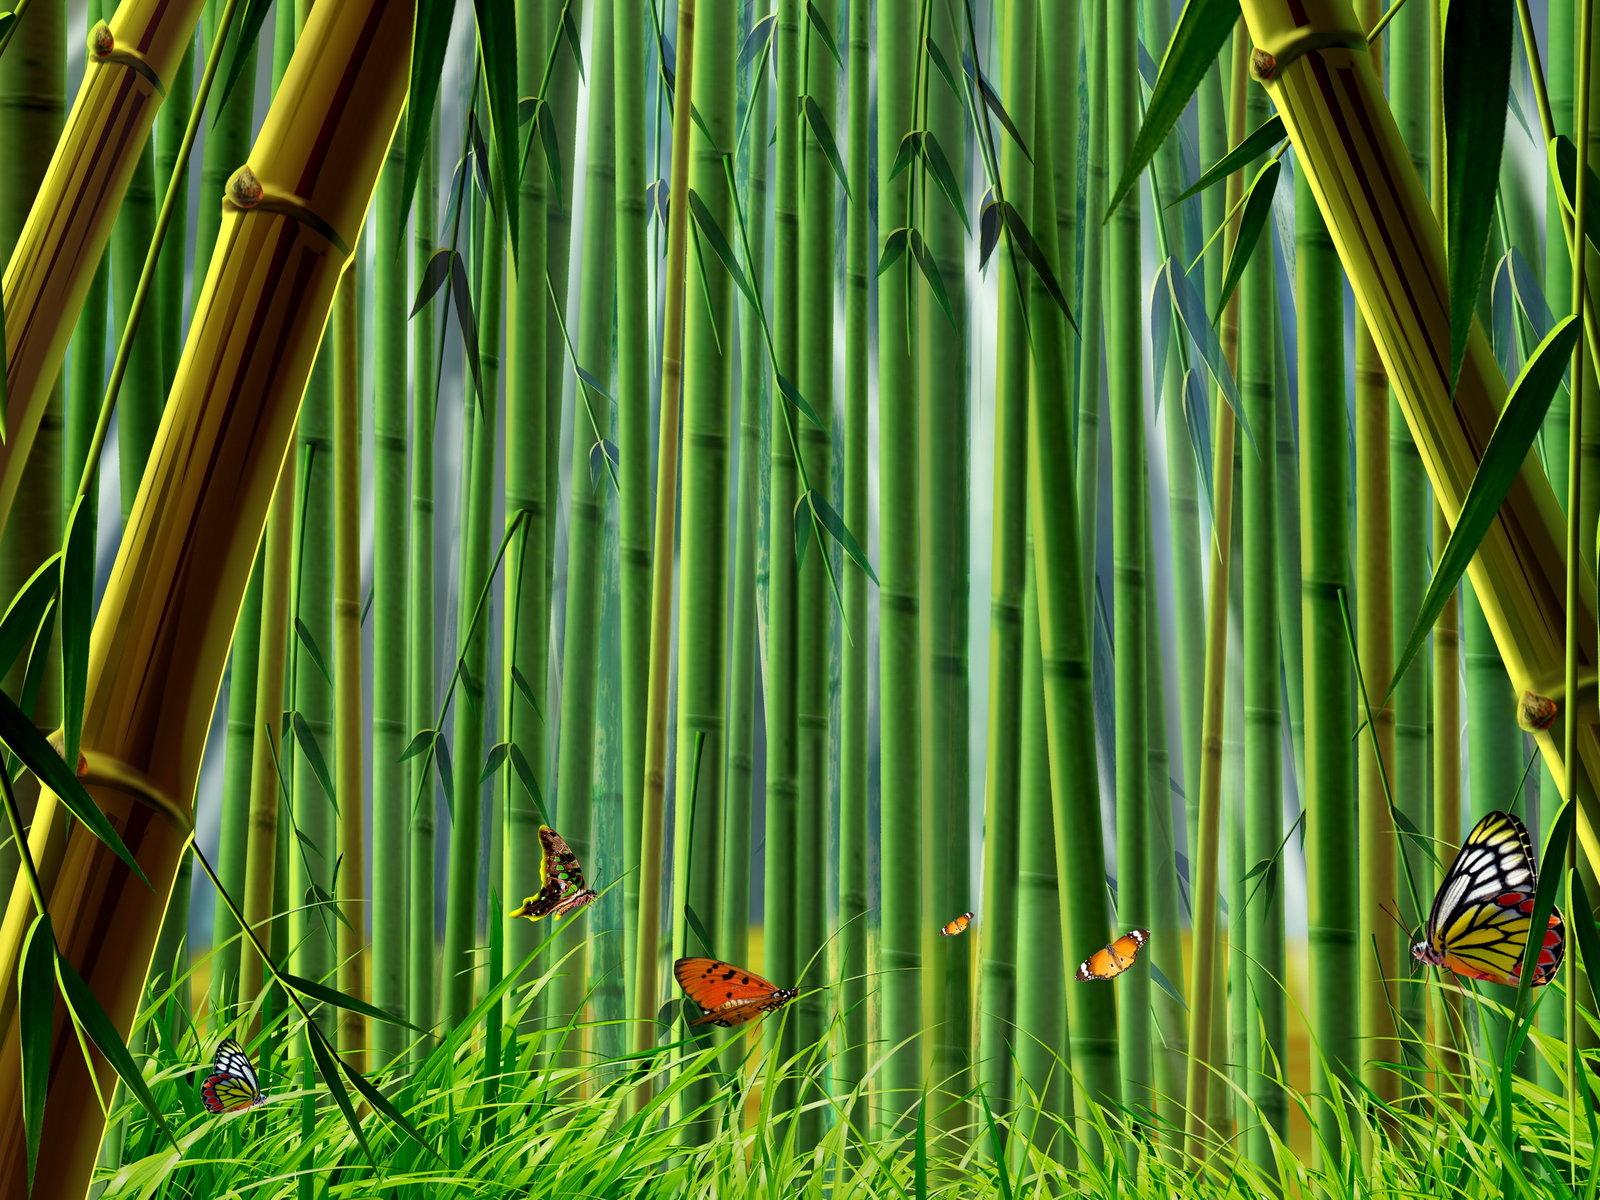 http://3.bp.blogspot.com/-RSNFs0kv72A/TrVyh7mGxRI/AAAAAAAAA3o/ELjp_9H2Jlg/s1600/Hd-widescreen-natural-green-bamboo-desktop-wallpaper-background-1600x1200.jpg